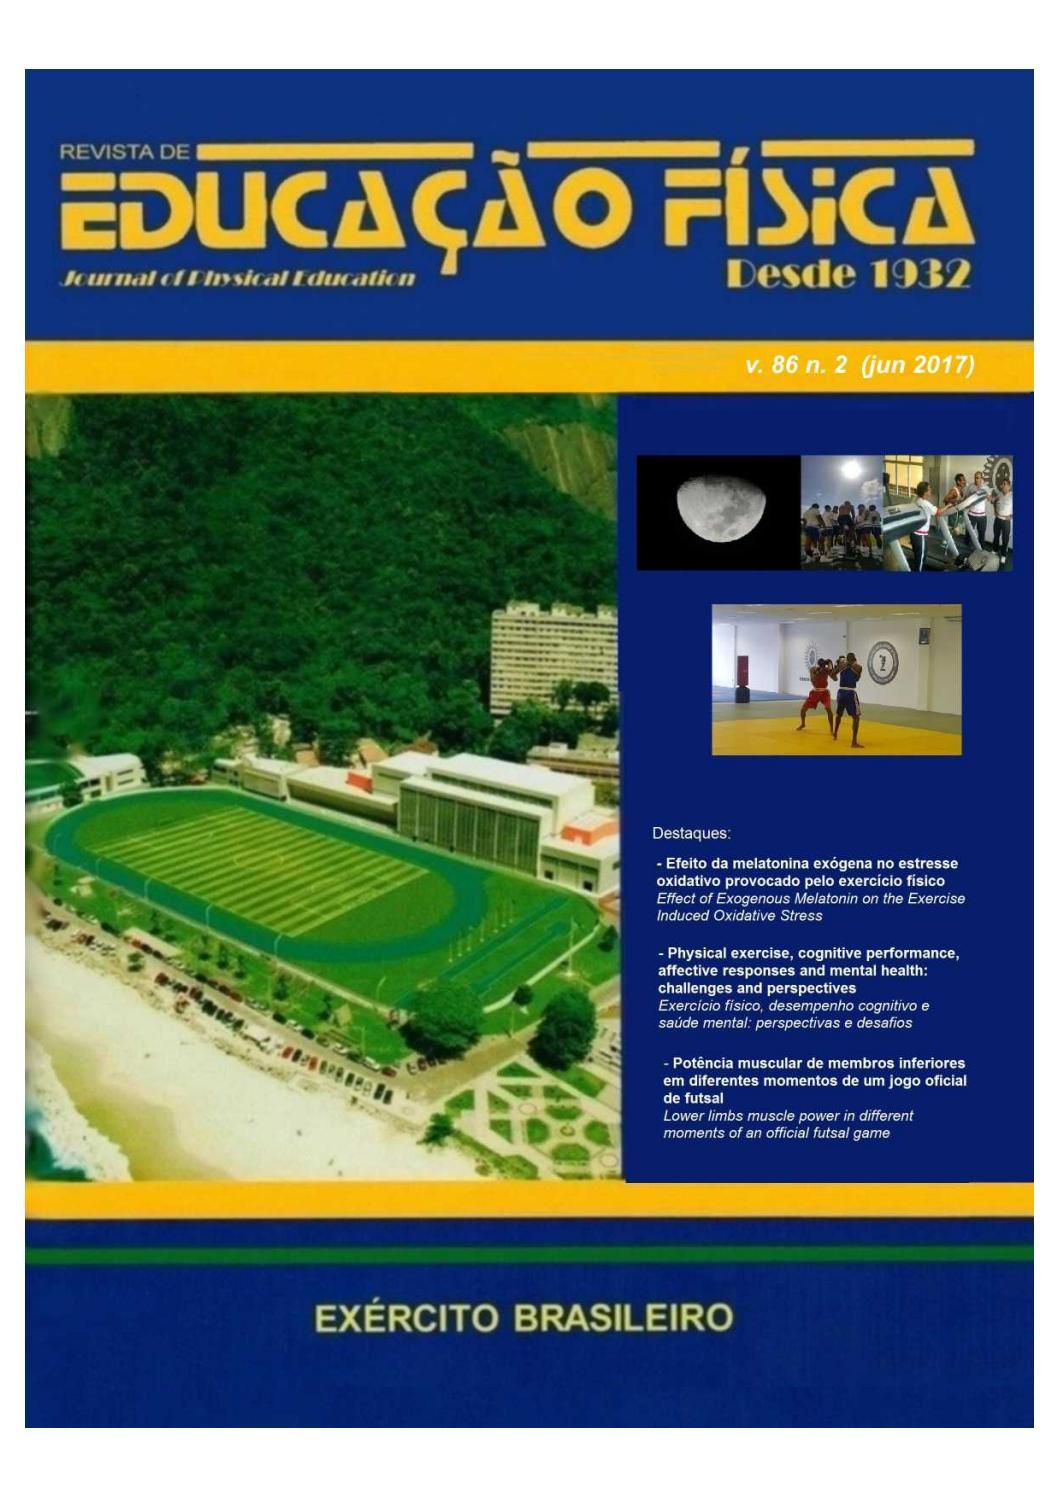 Revista de Educação Fisica   Journal of Physical Education v86 (2017) n2 by  Revista de Educação Física   Journal of Physical Education - issuu a937e127c14f0